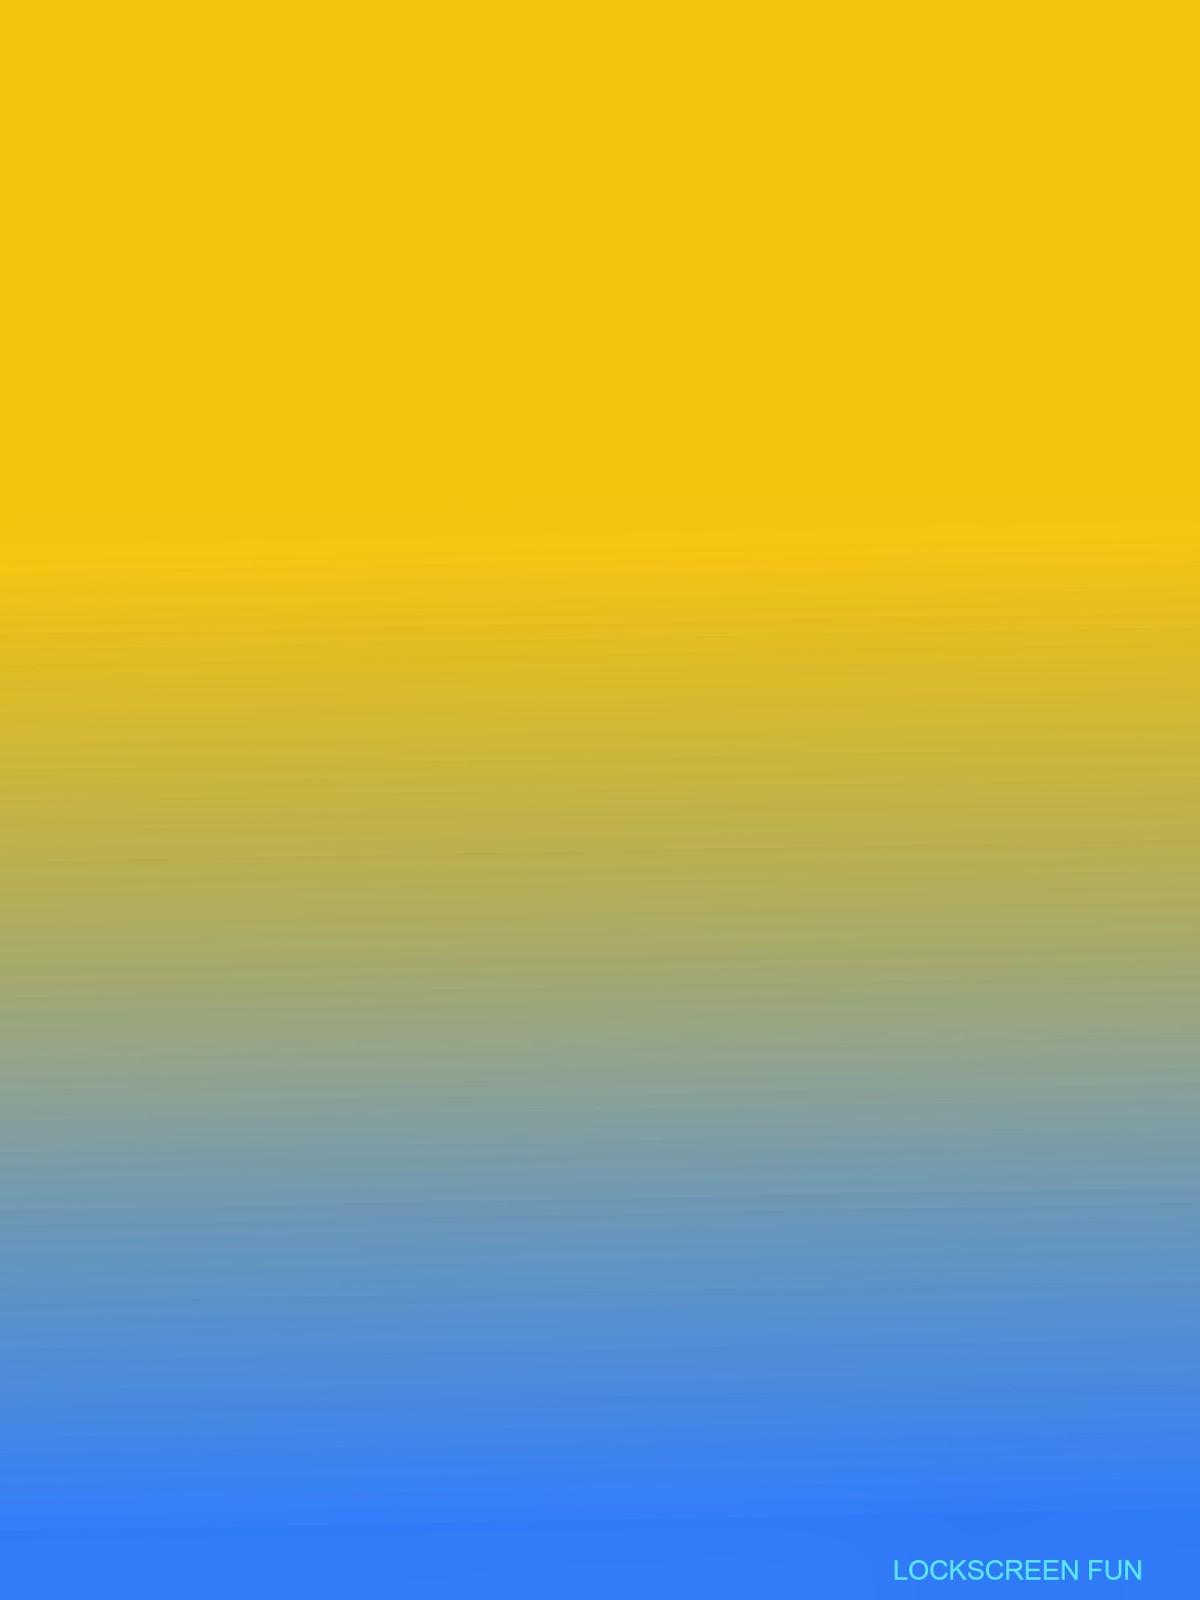 LockscreenFun Yellow to Light Blue Color Fade   iPad Mini 1200x1600